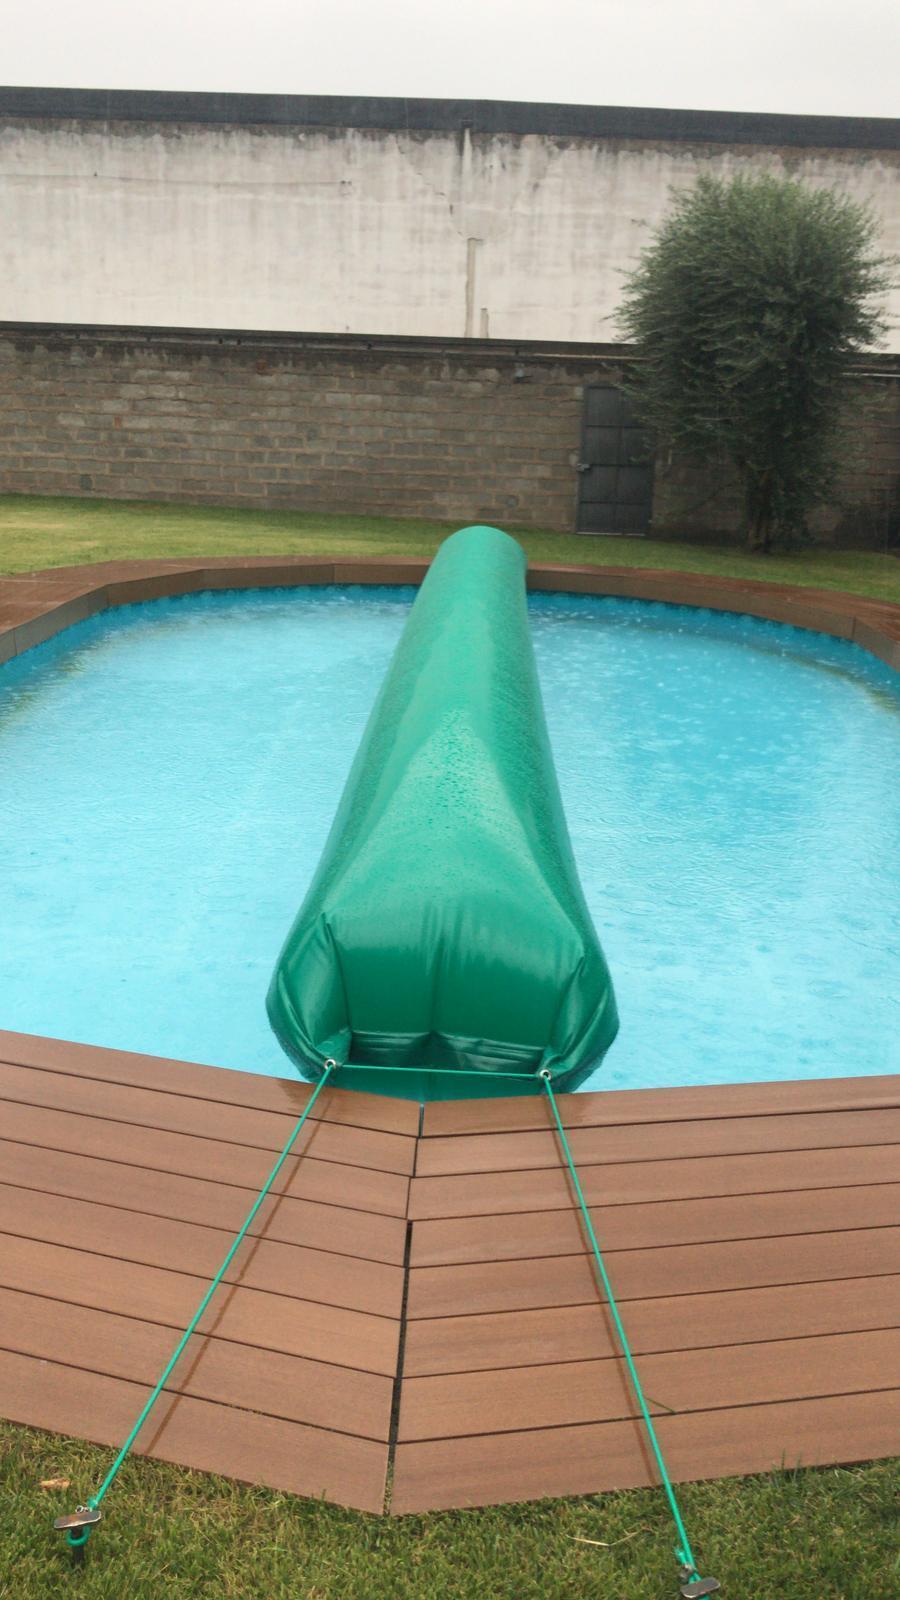 Tubular en PVC de Llenado D' Aire X Cobertura Piscina de 5 MT -30974